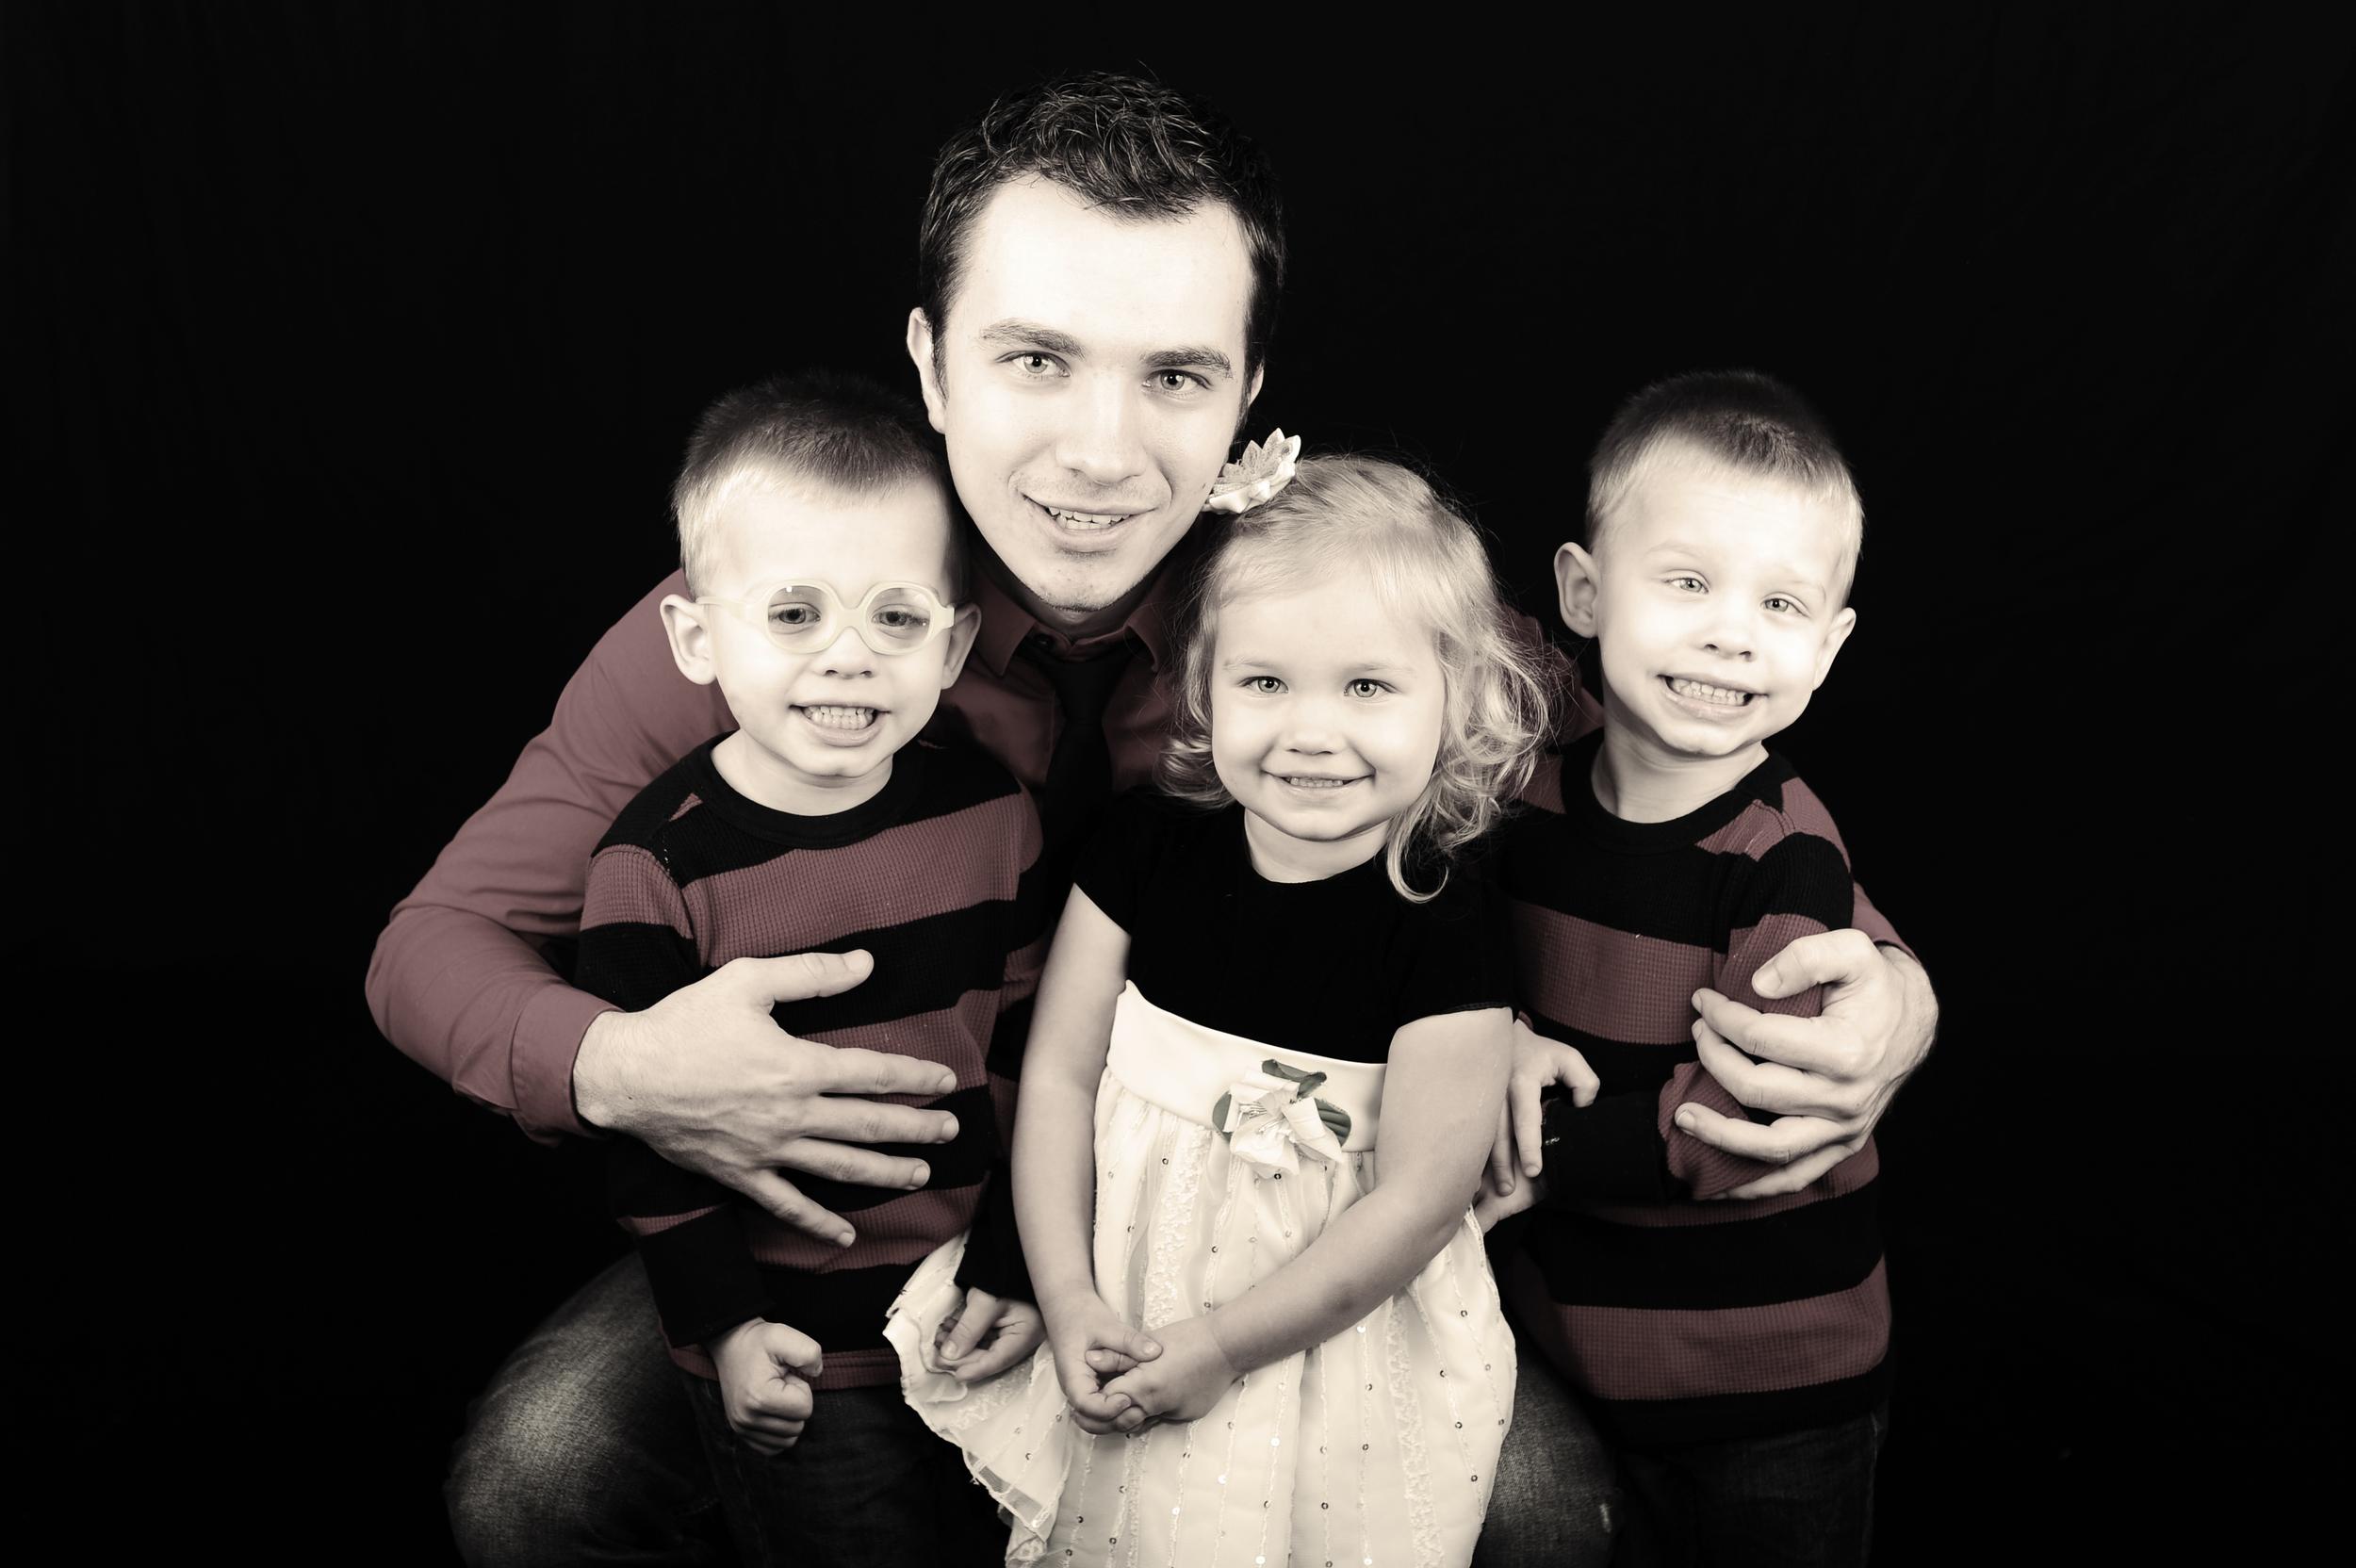 Family serg-5050.jpg